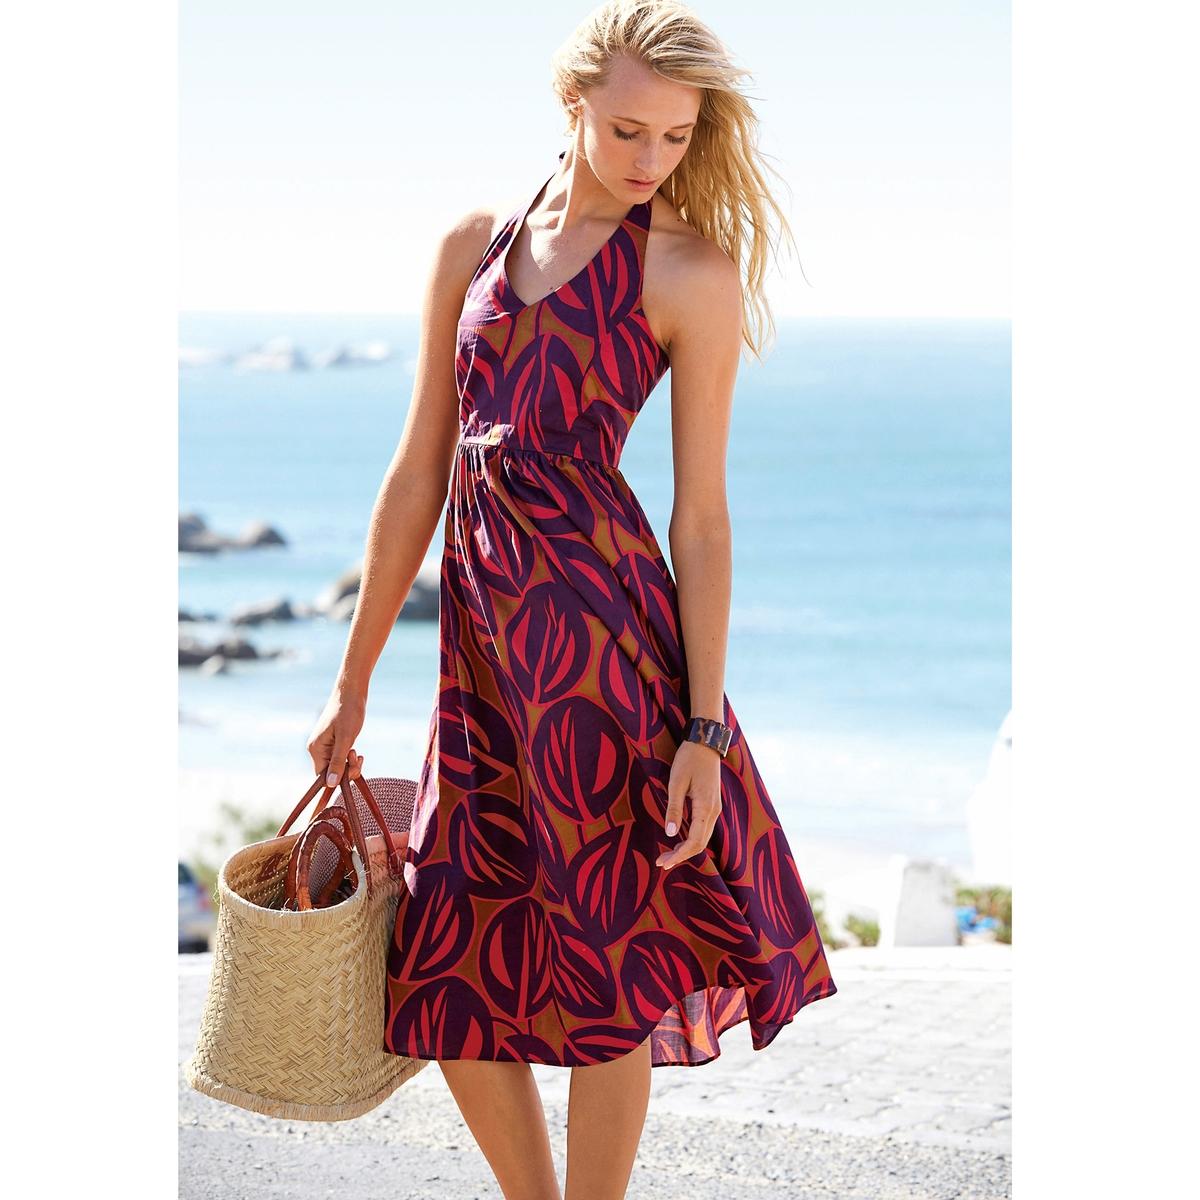 Платье с открытой спинойПлатье с рисунком. С открытой спиной и завязками вокруг шеи. 100% хлопка. V-образный вырез. Вытачки на груди, отрезное по талии. Мелкие складки сзади. Длина ок. 110 см.<br><br>Цвет: набивной рисунок<br>Размер: 34 (FR) - 40 (RUS)